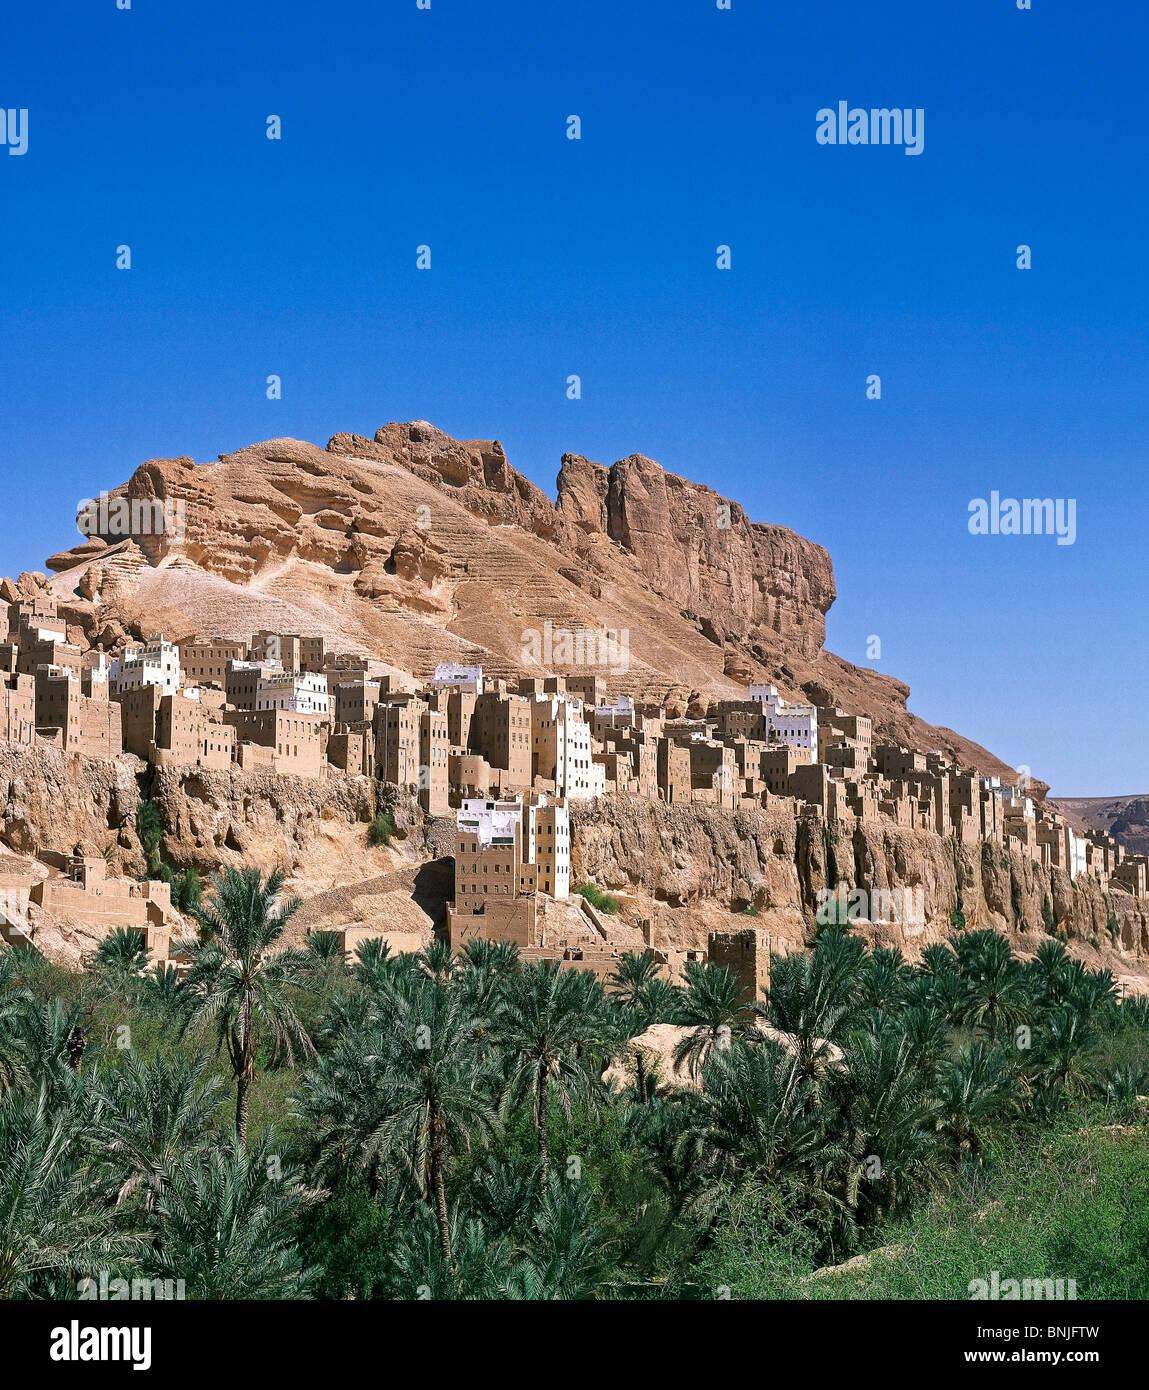 Valle de Hadhramaut Yemen de febrero de 2005 cerca de la ciudad de Shibam palmeras mountain Imagen De Stock